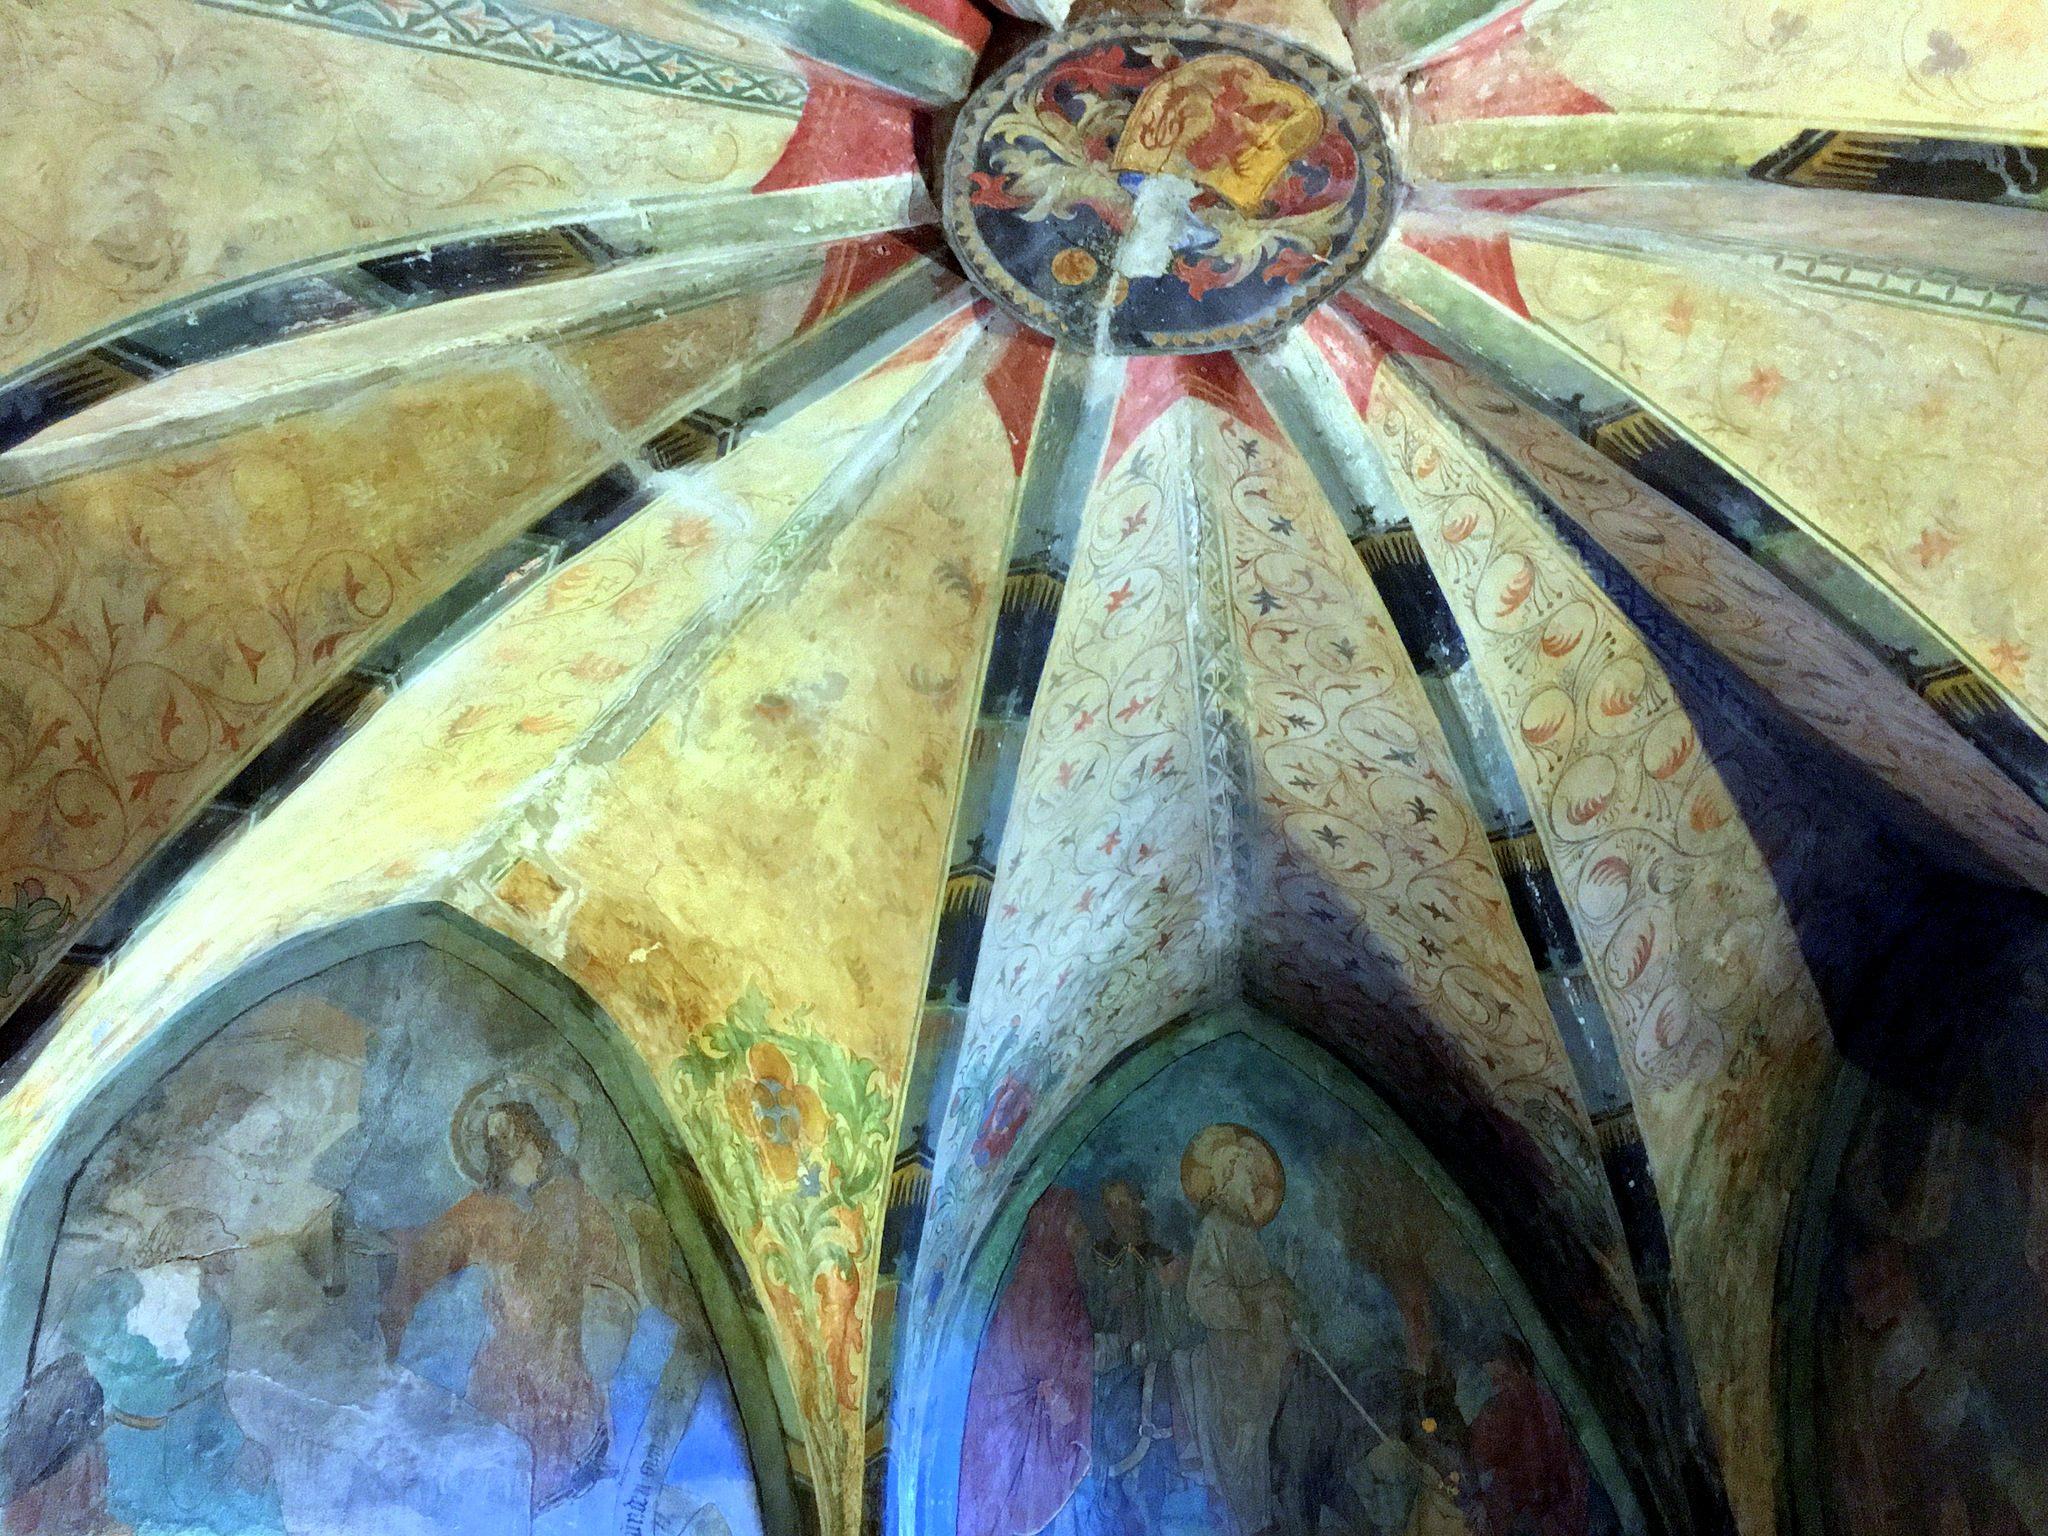 Blick an die Decke der kleinen Kapelle.